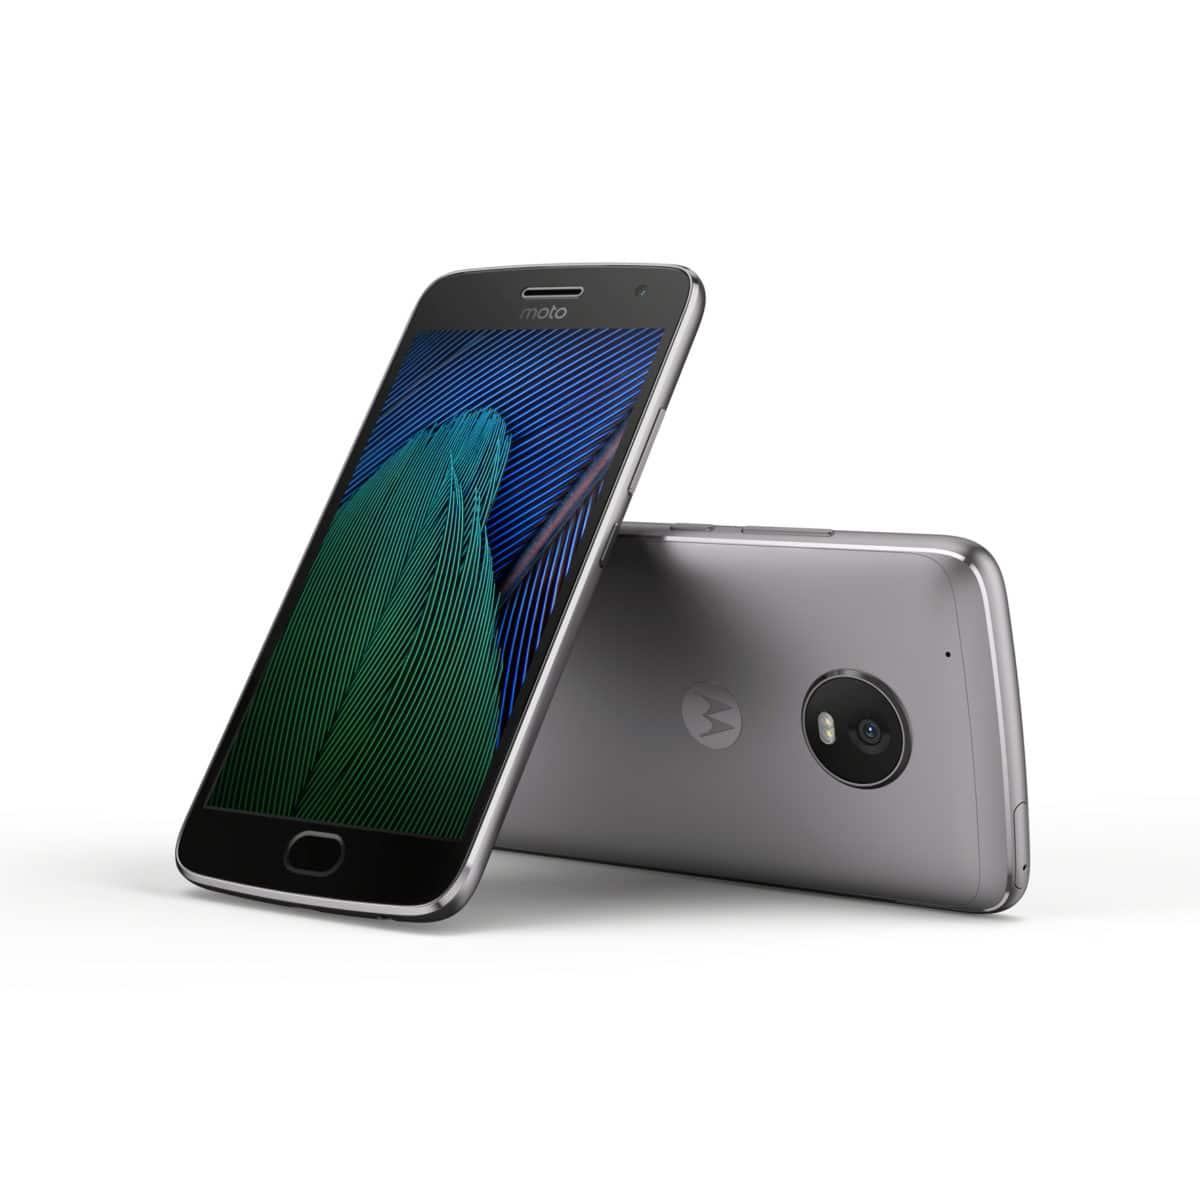 Moto G5 und Moto G5 Plus #PremiumForAll sind ab sofort im Handel erhältlich 4